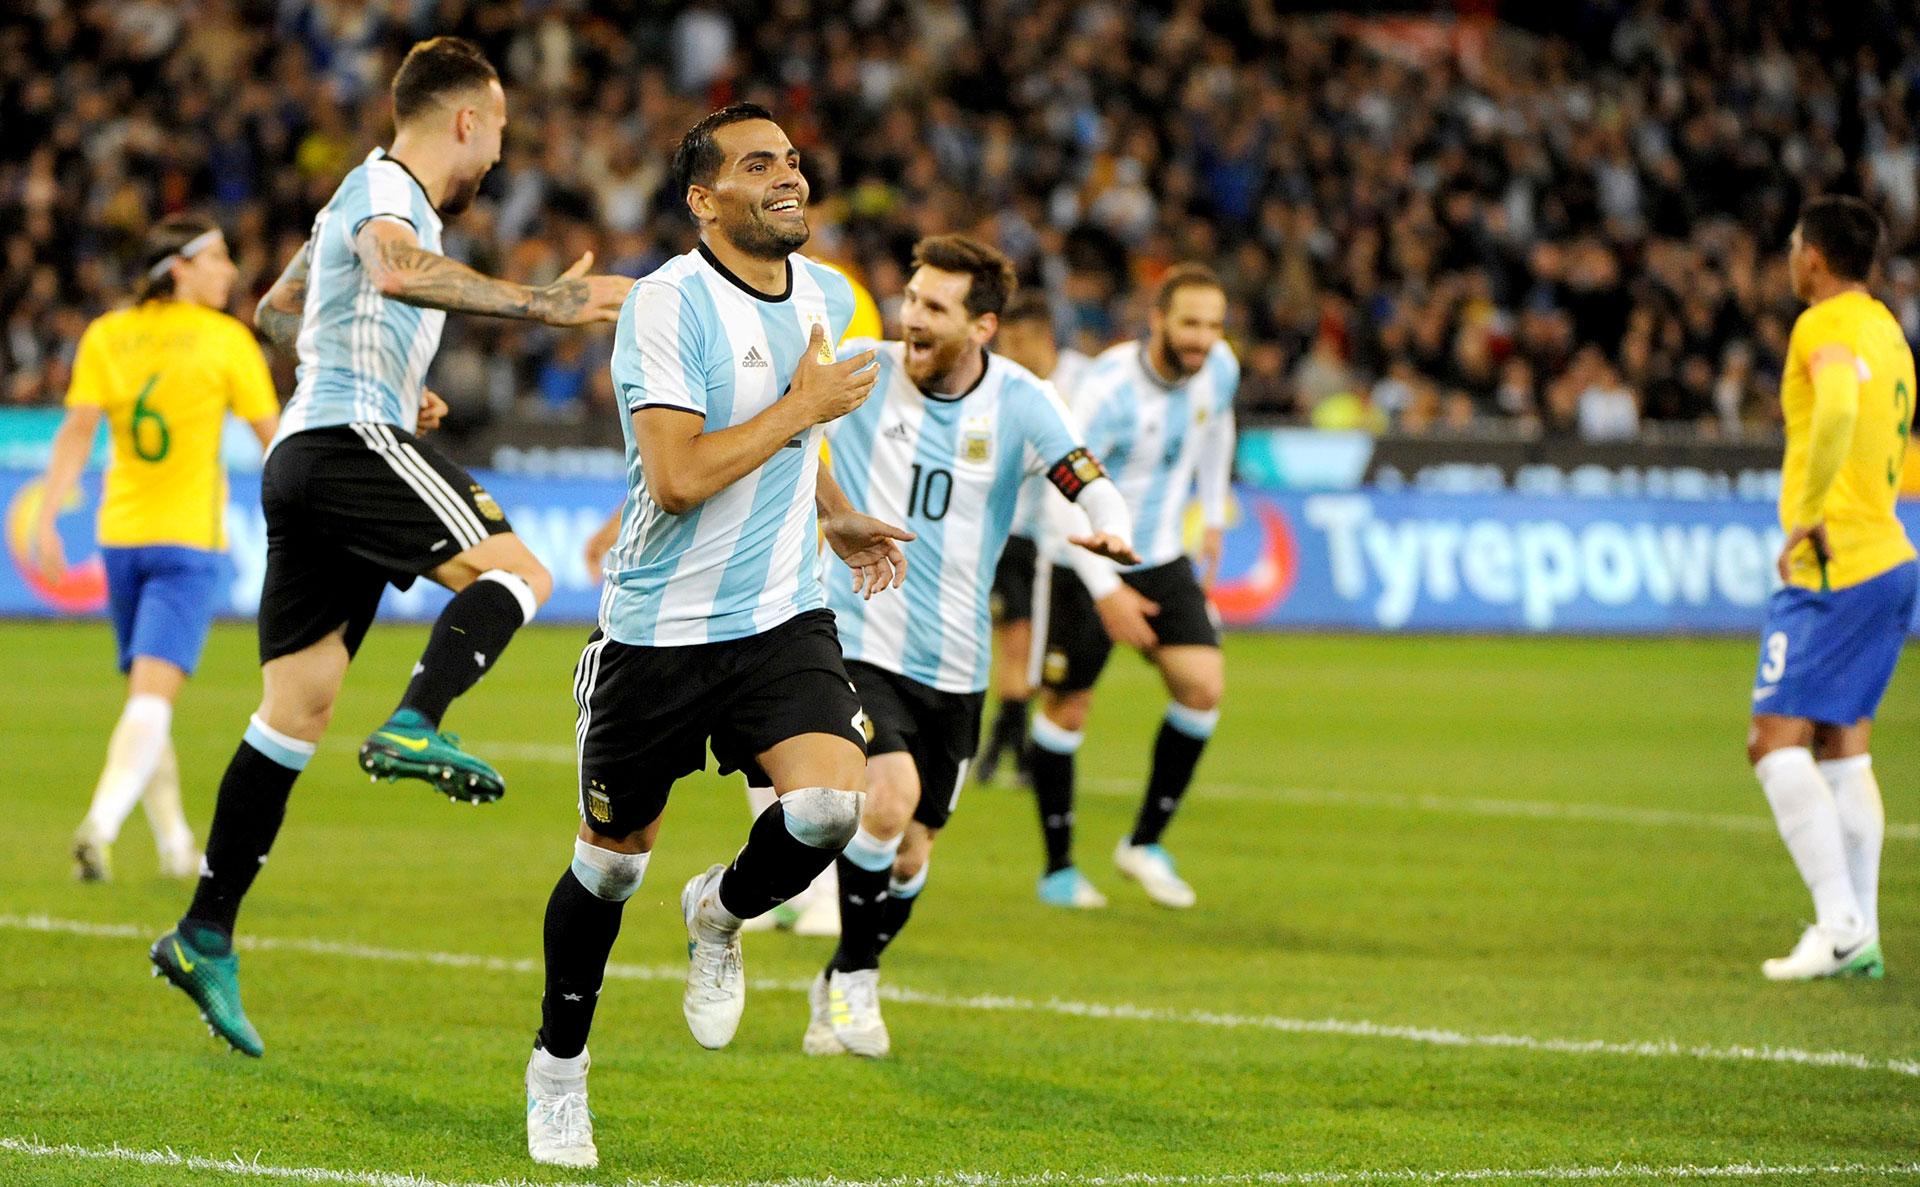 Con un gol de Gabriel Mercado, la selección argentina se impuso ante Brasil 1-0 en Melbourne